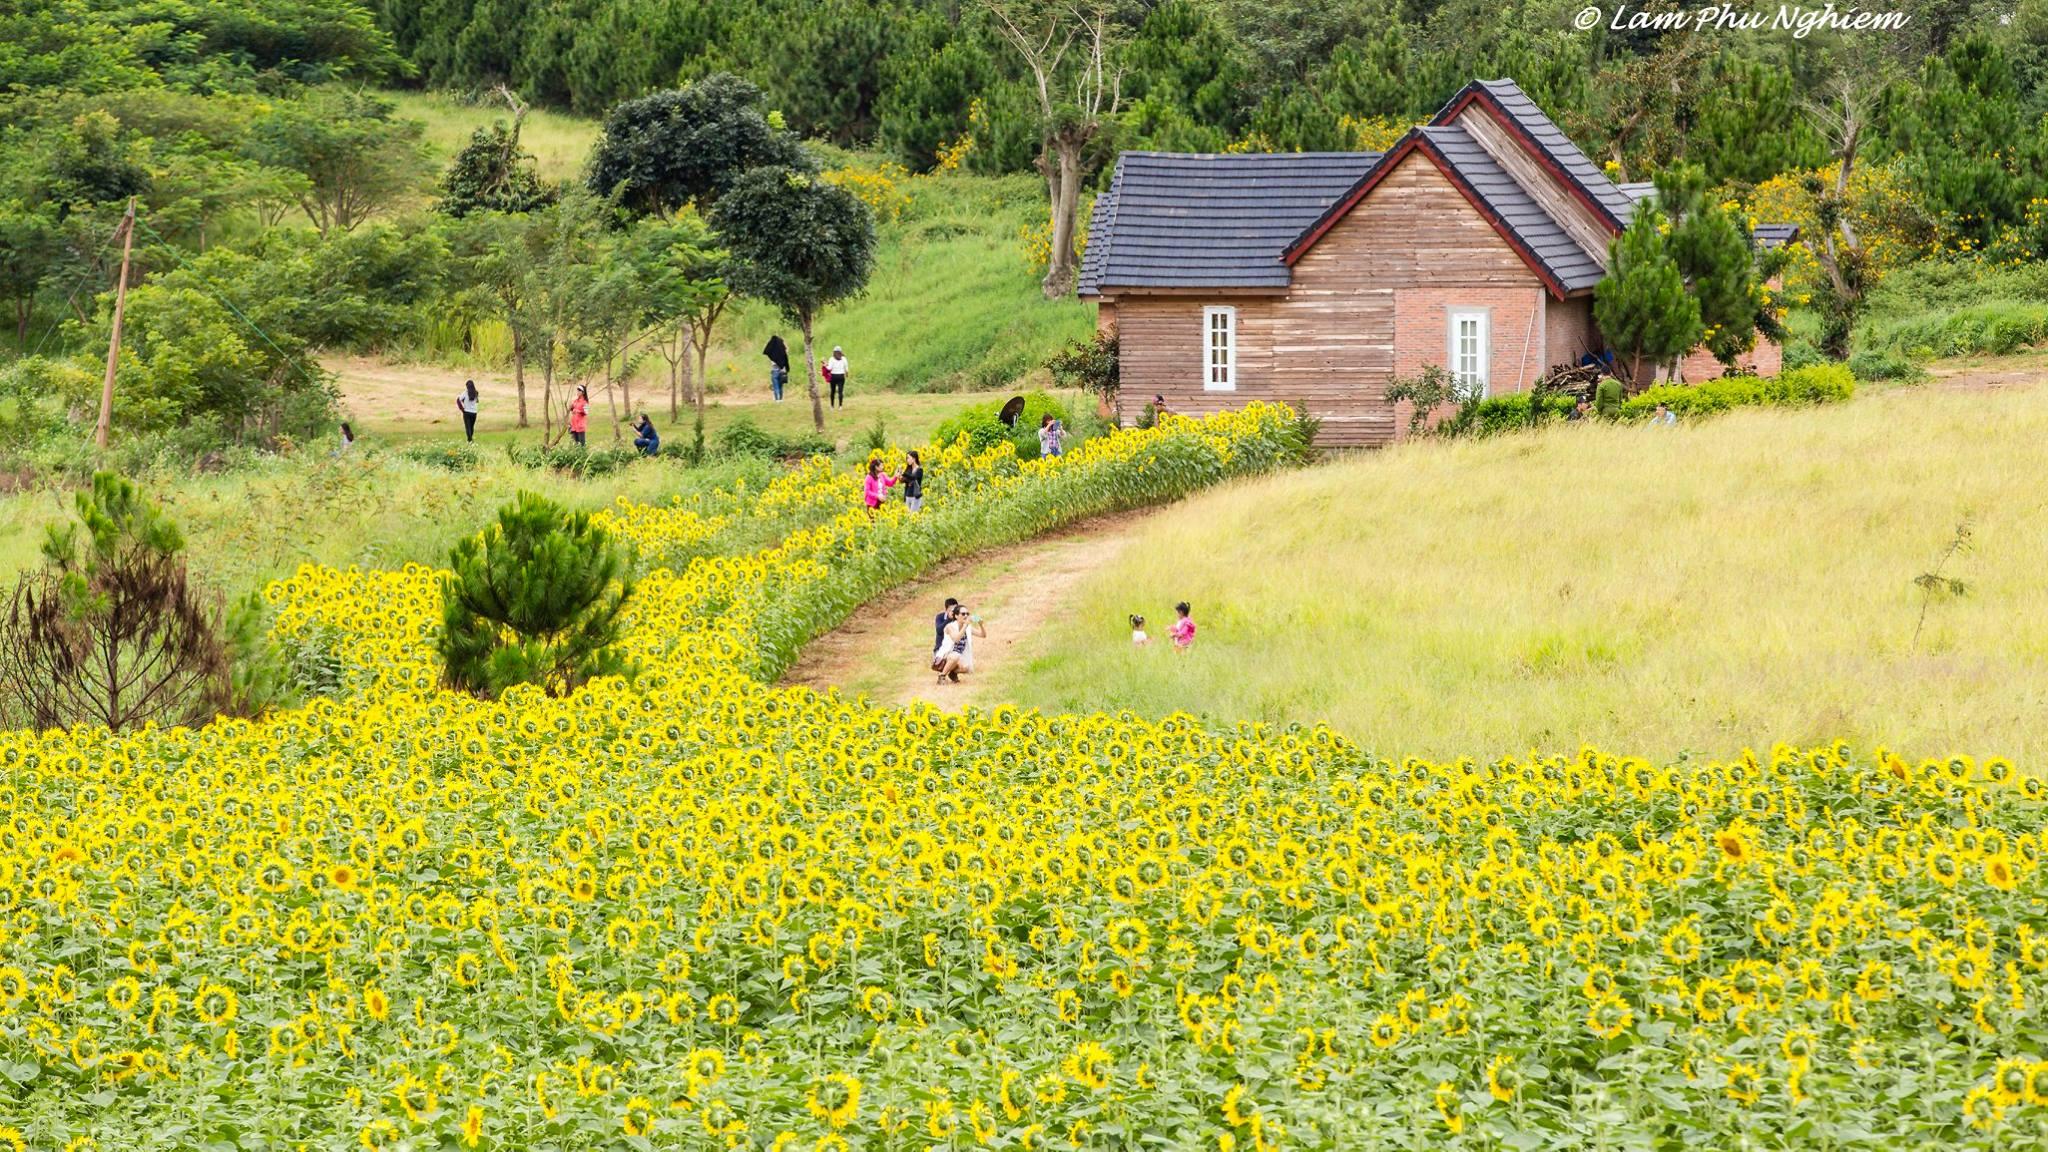 Gợi ý 10 cánh đồng hoa tuyệt đẹp tại Đà Lạt mà bạn cần ghé ngay!